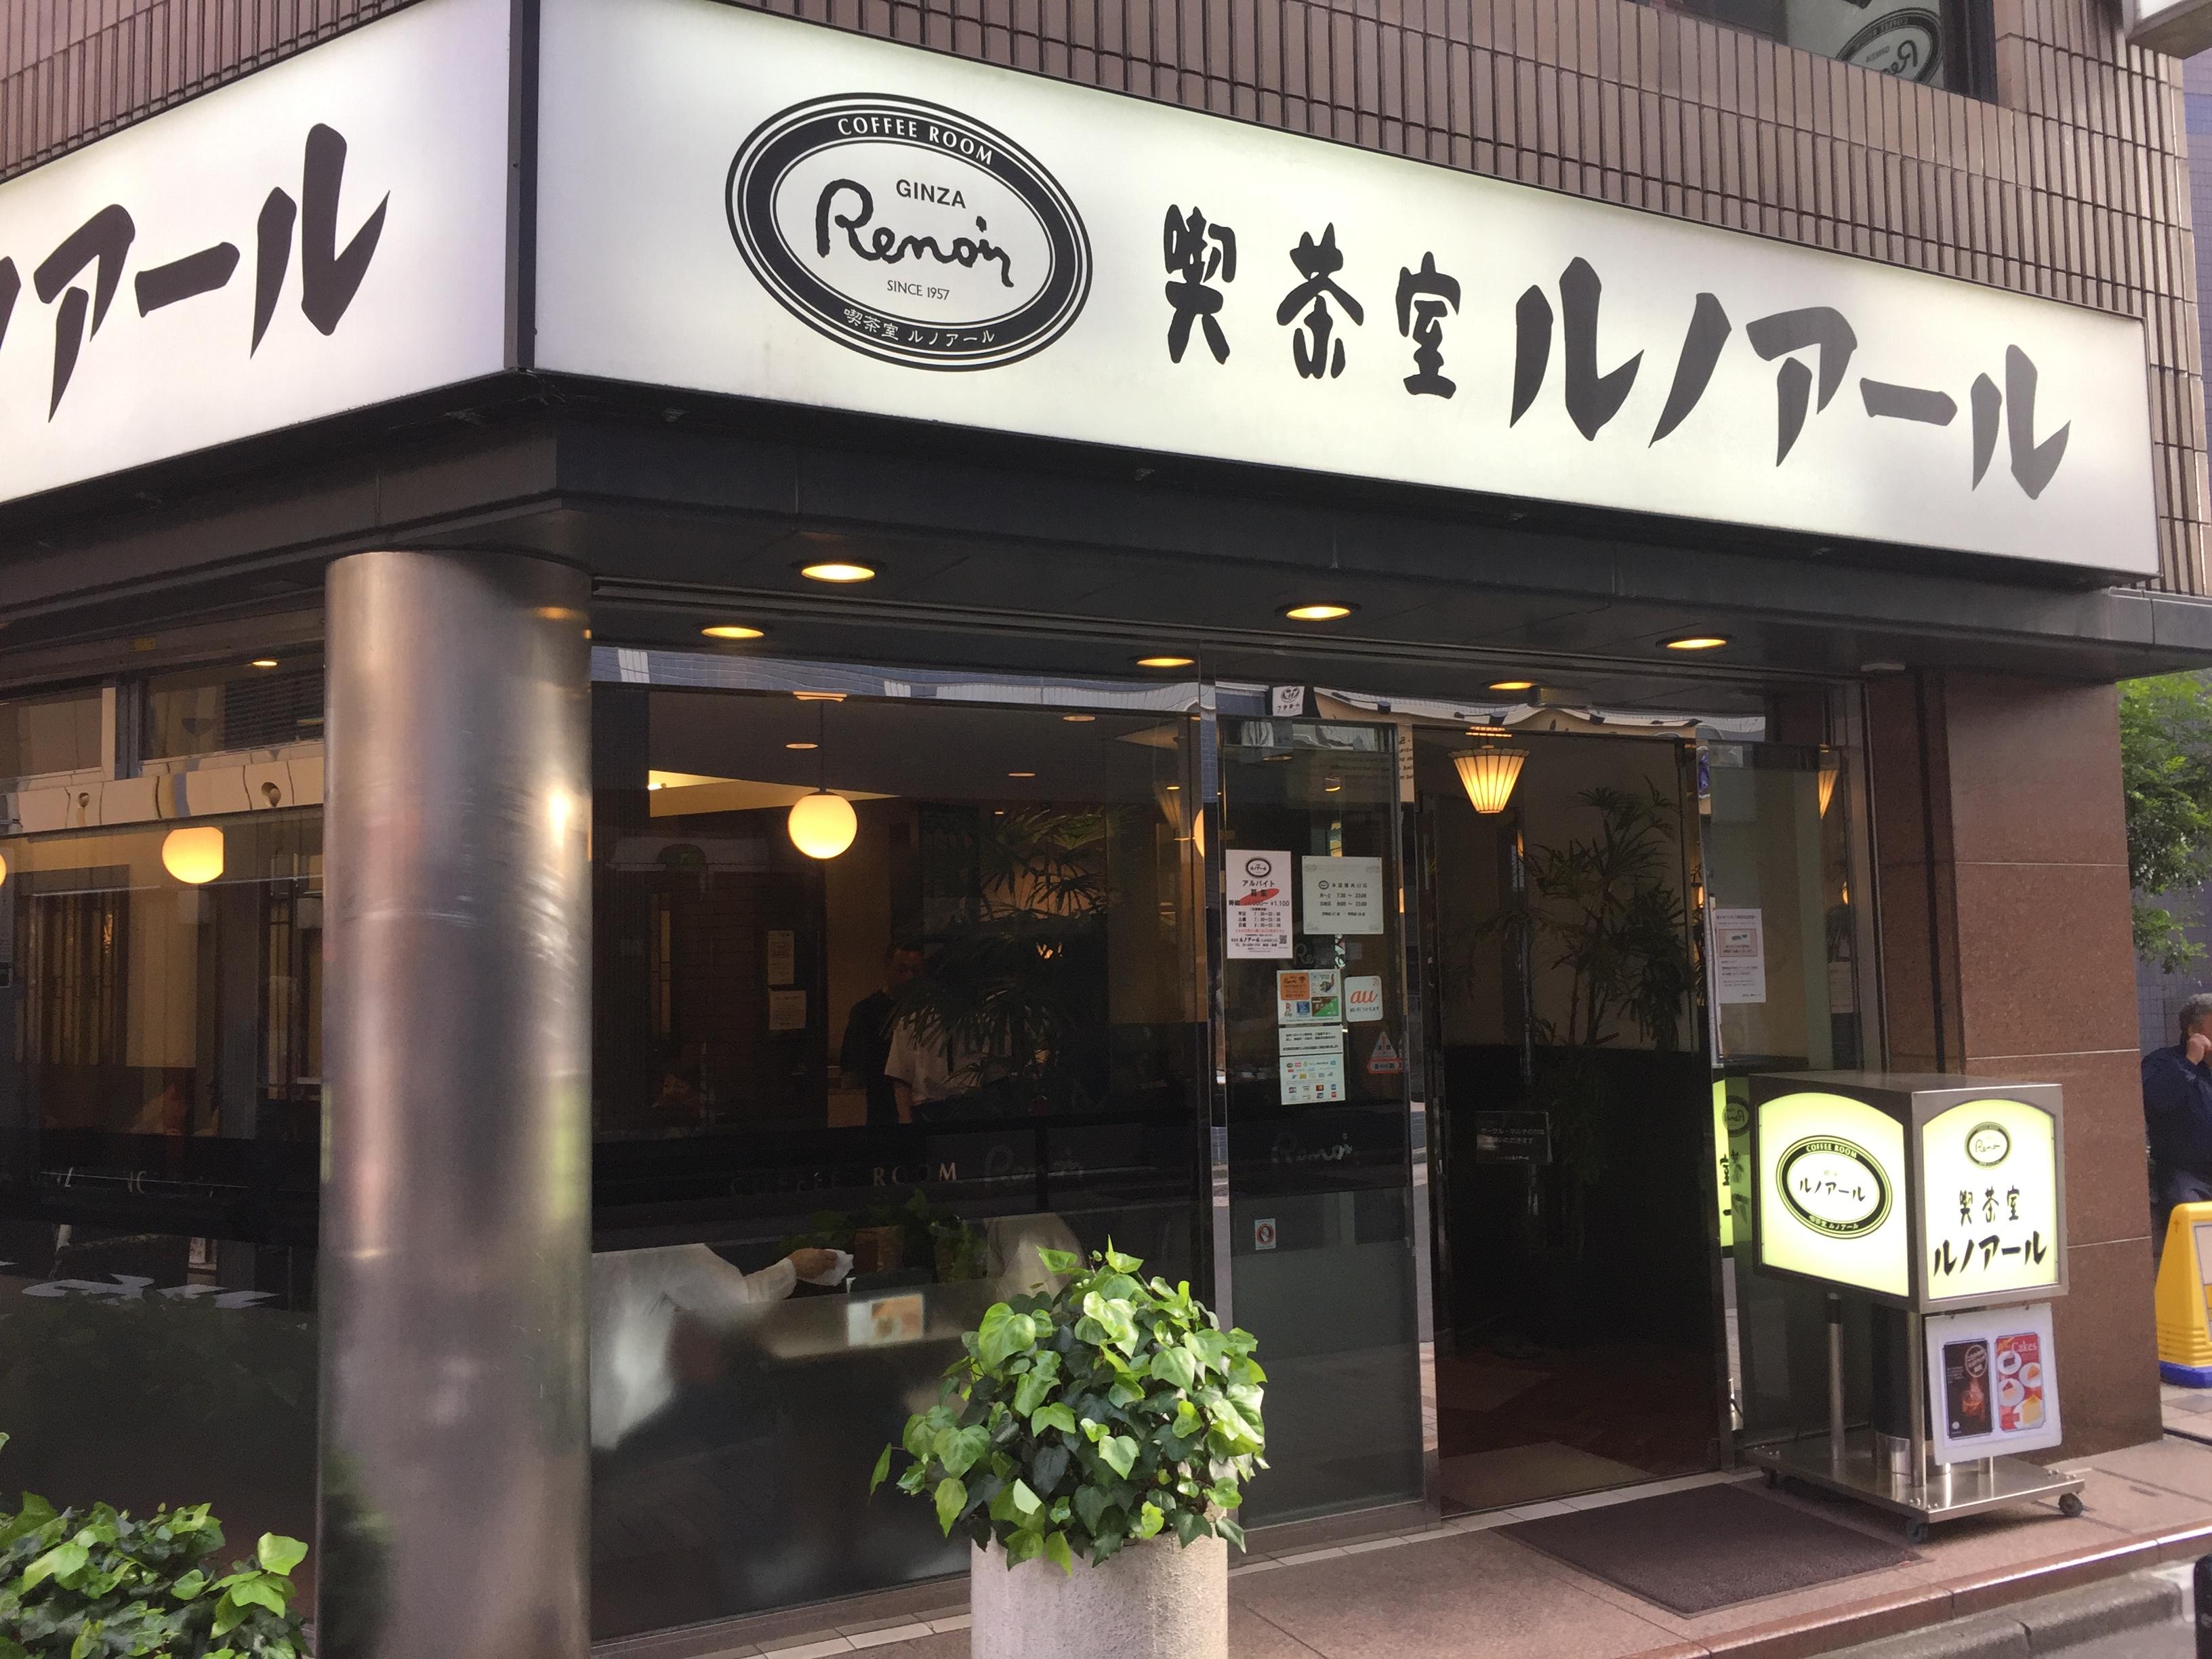 水道橋駅西口 電源カフェ 喫茶室ルノアール 水道橋西口店 Wi-Fi